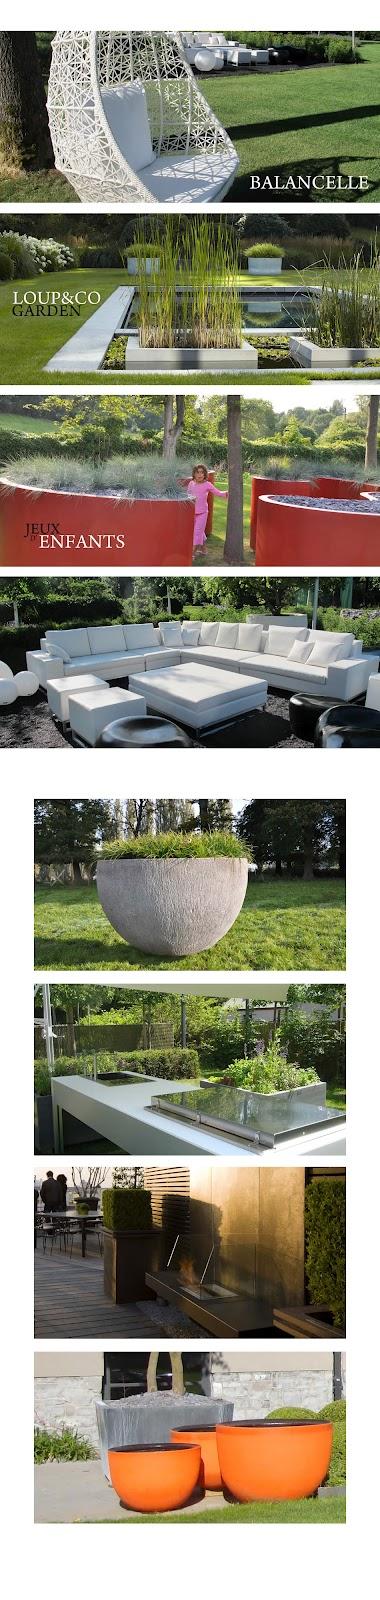 yang loup co. Black Bedroom Furniture Sets. Home Design Ideas